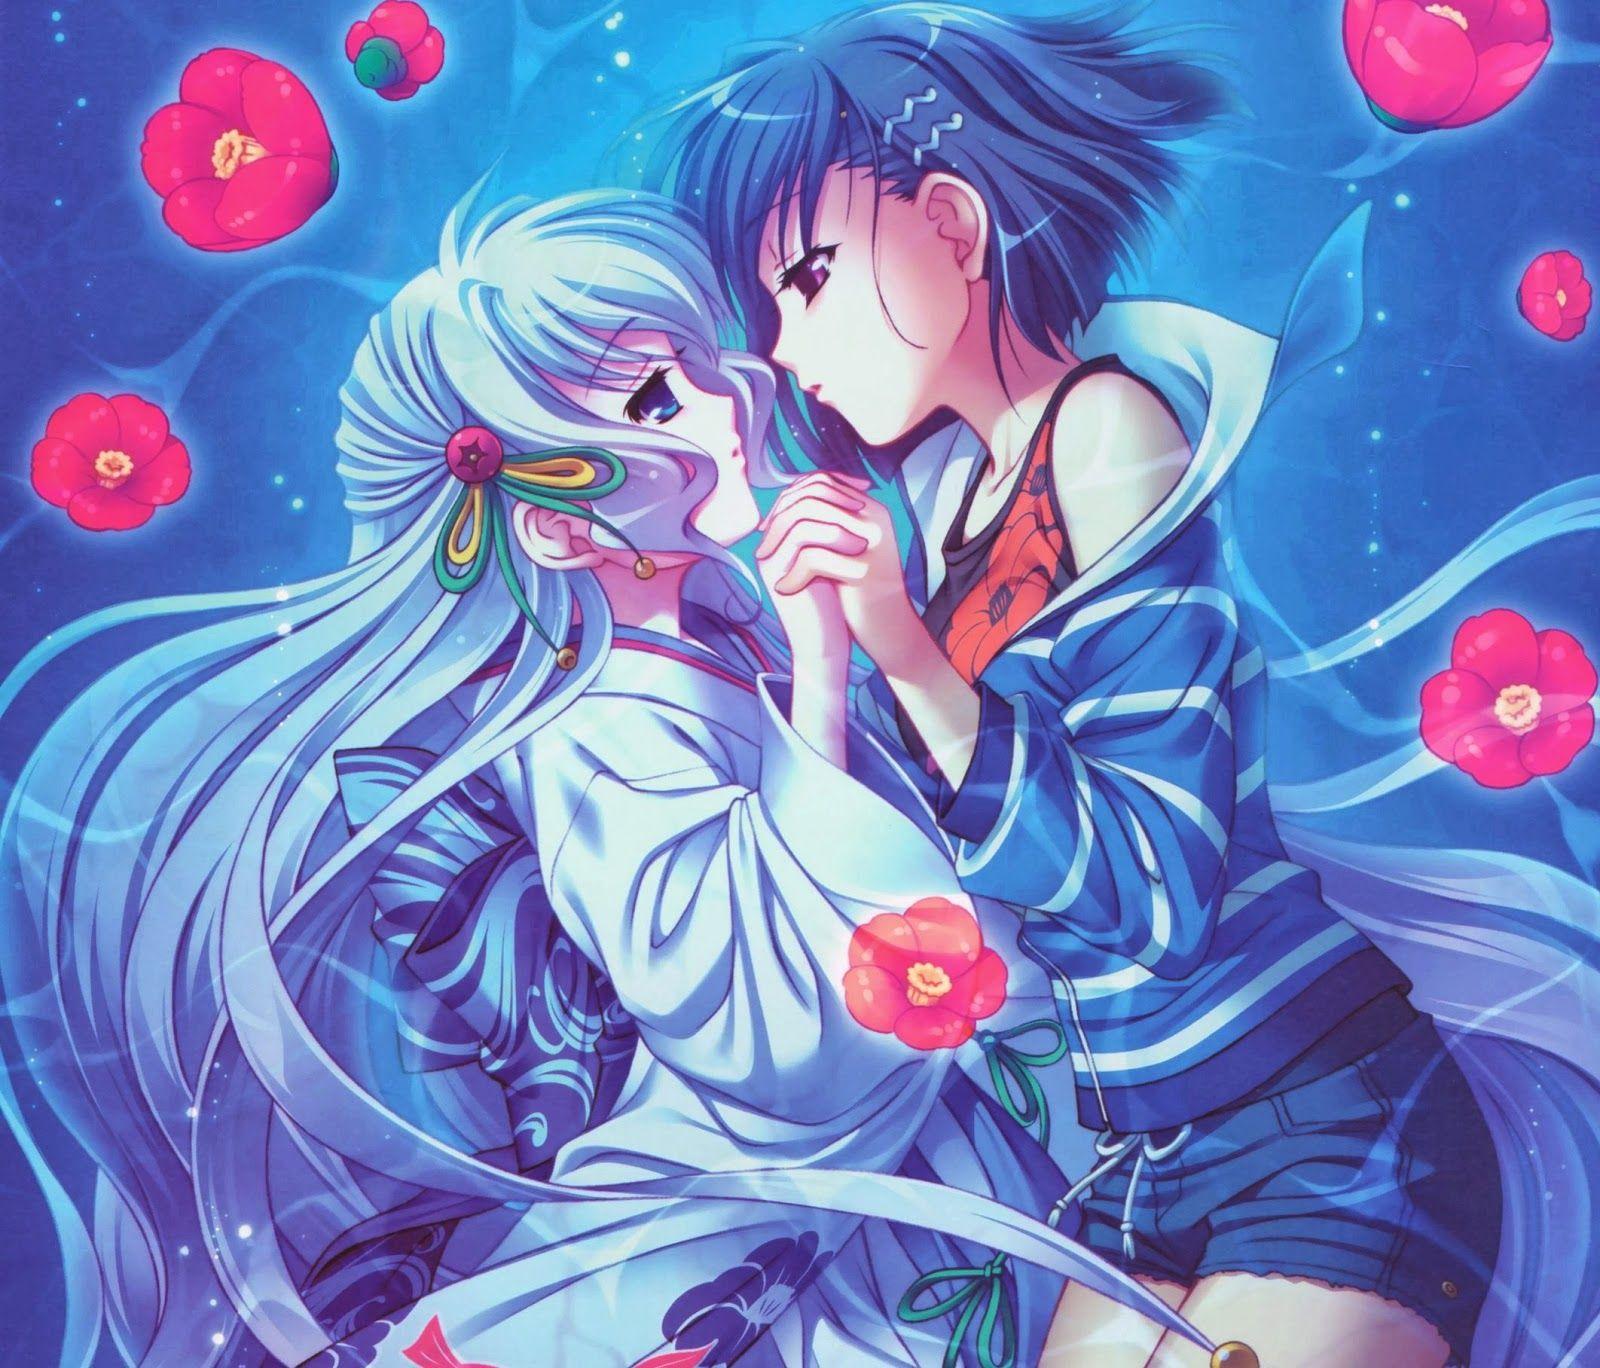 kissing girl girl Anime